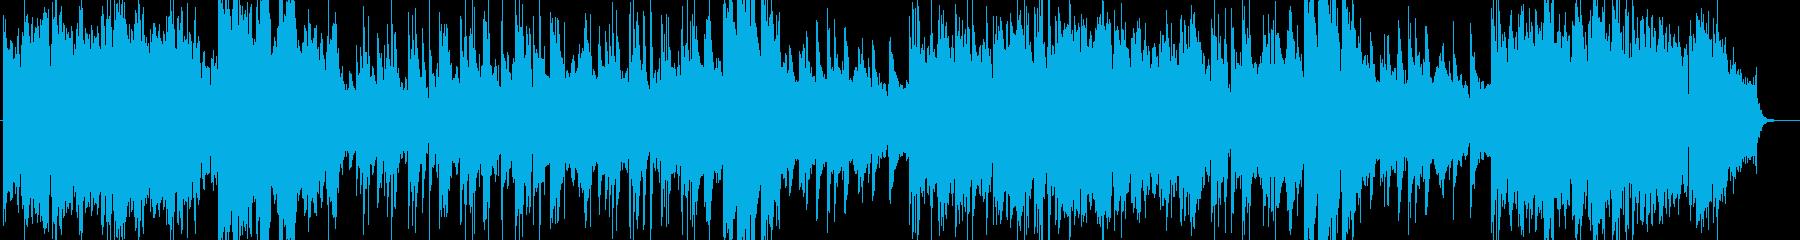 悠々と感動的なシンセ・ピアノなどの曲の再生済みの波形